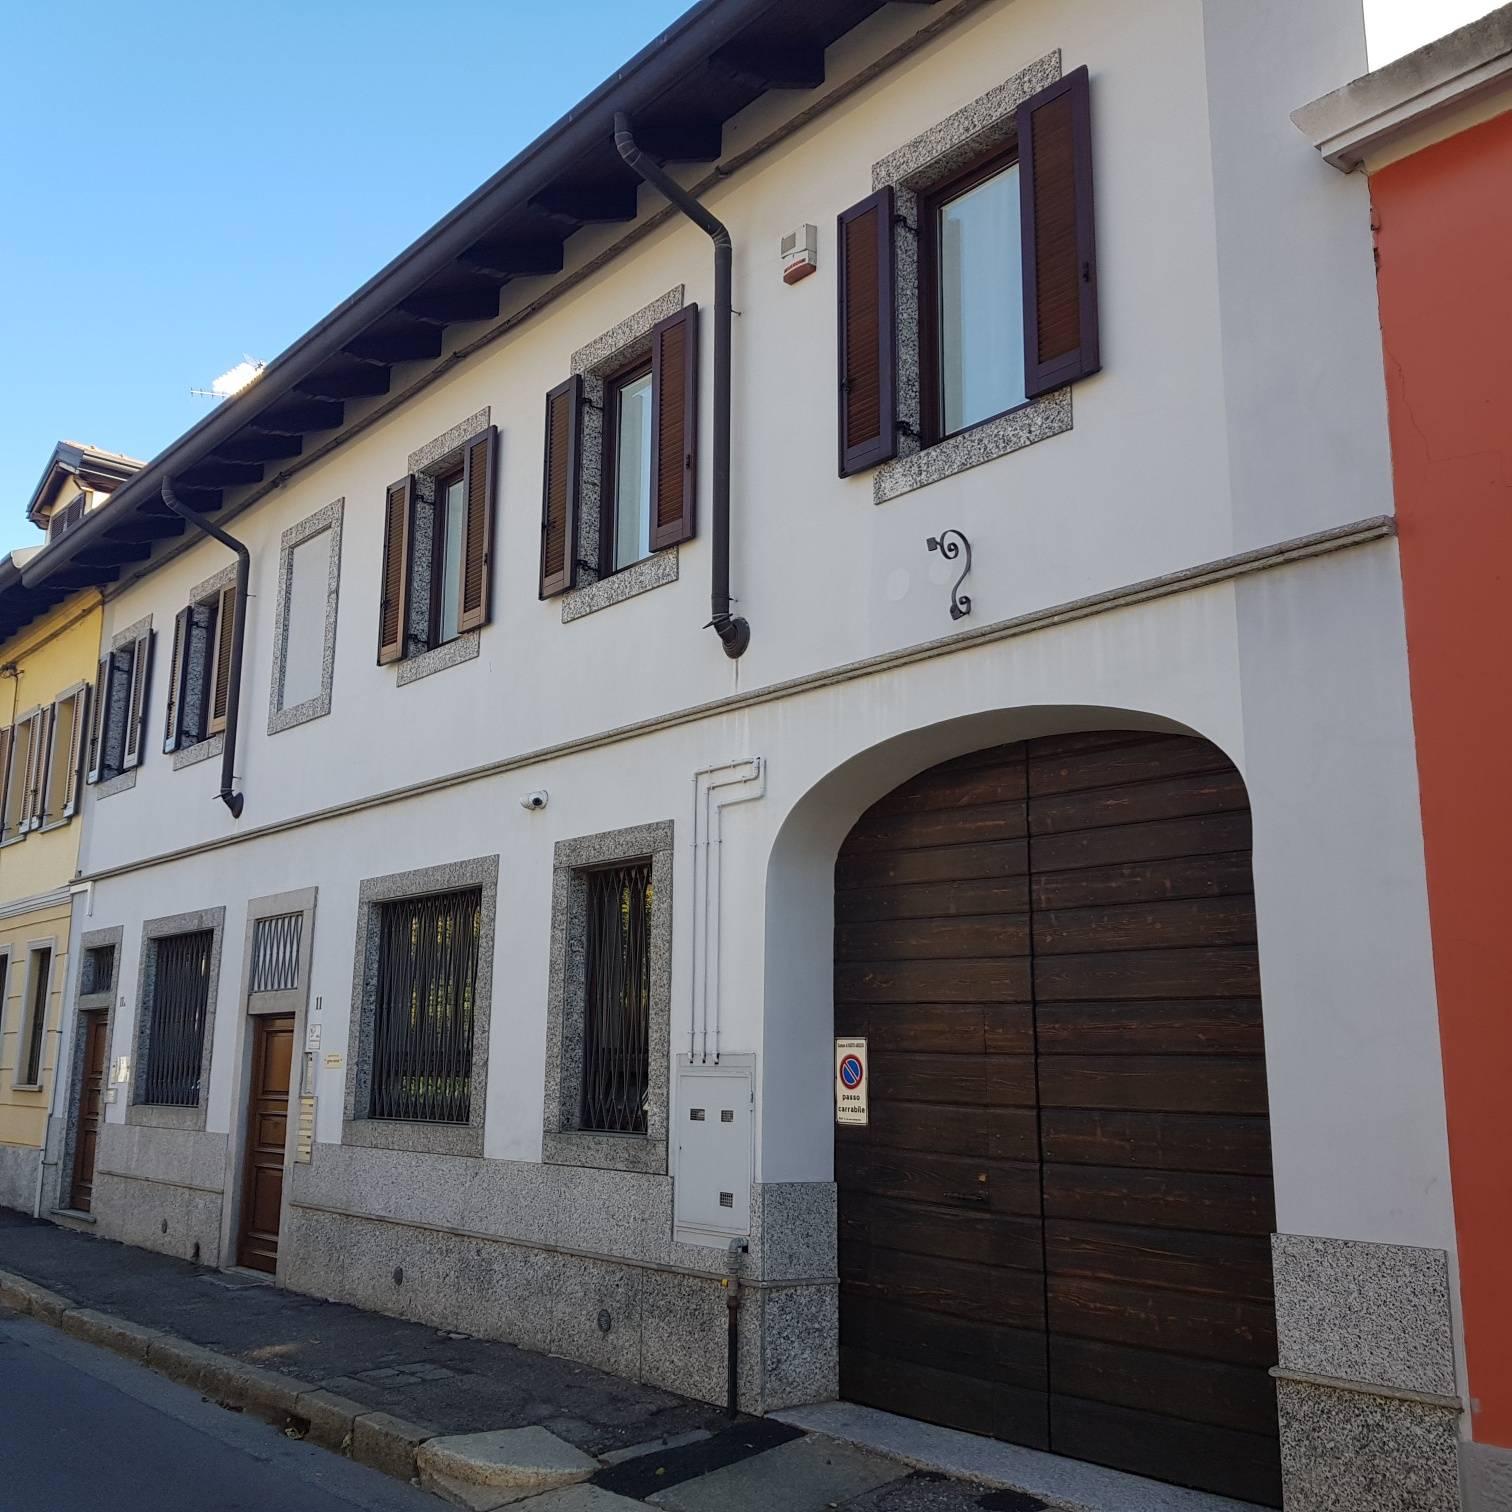 Appartamento in affitto a Busto Arsizio, 4 locali, zona ro, prezzo € 900 | PortaleAgenzieImmobiliari.it